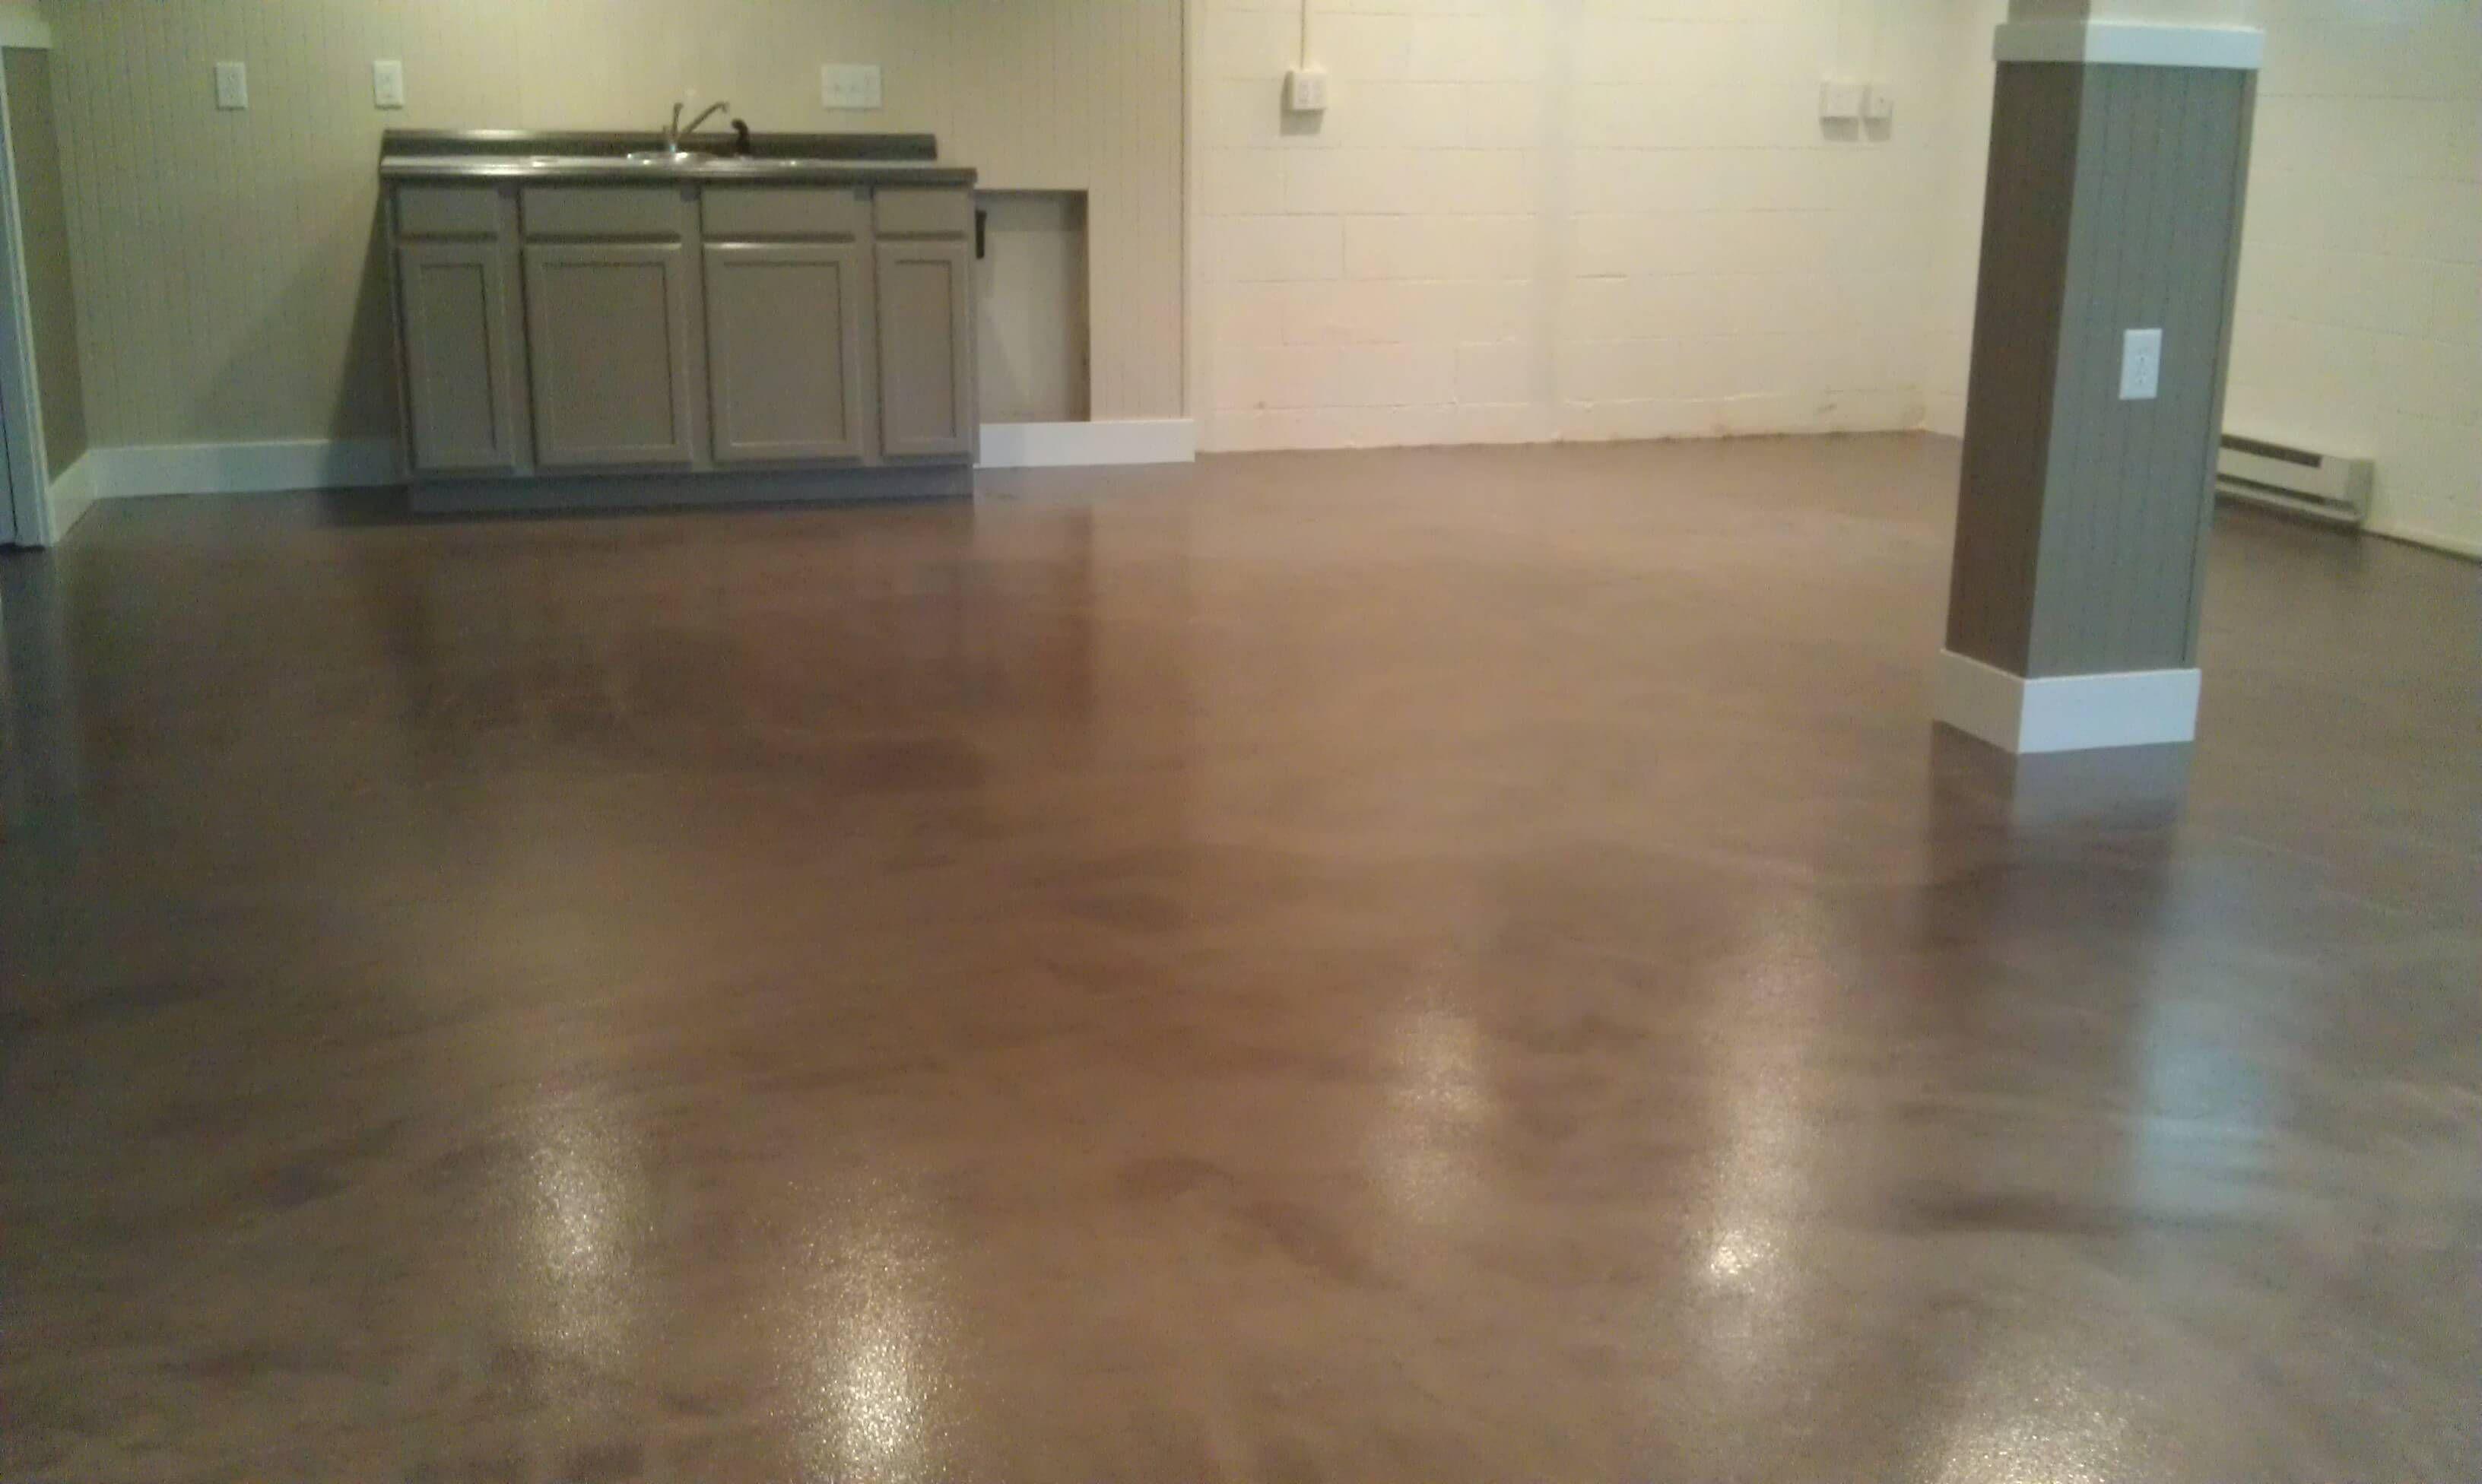 Epoxy Concrete Floor Coatings | Akioz.com